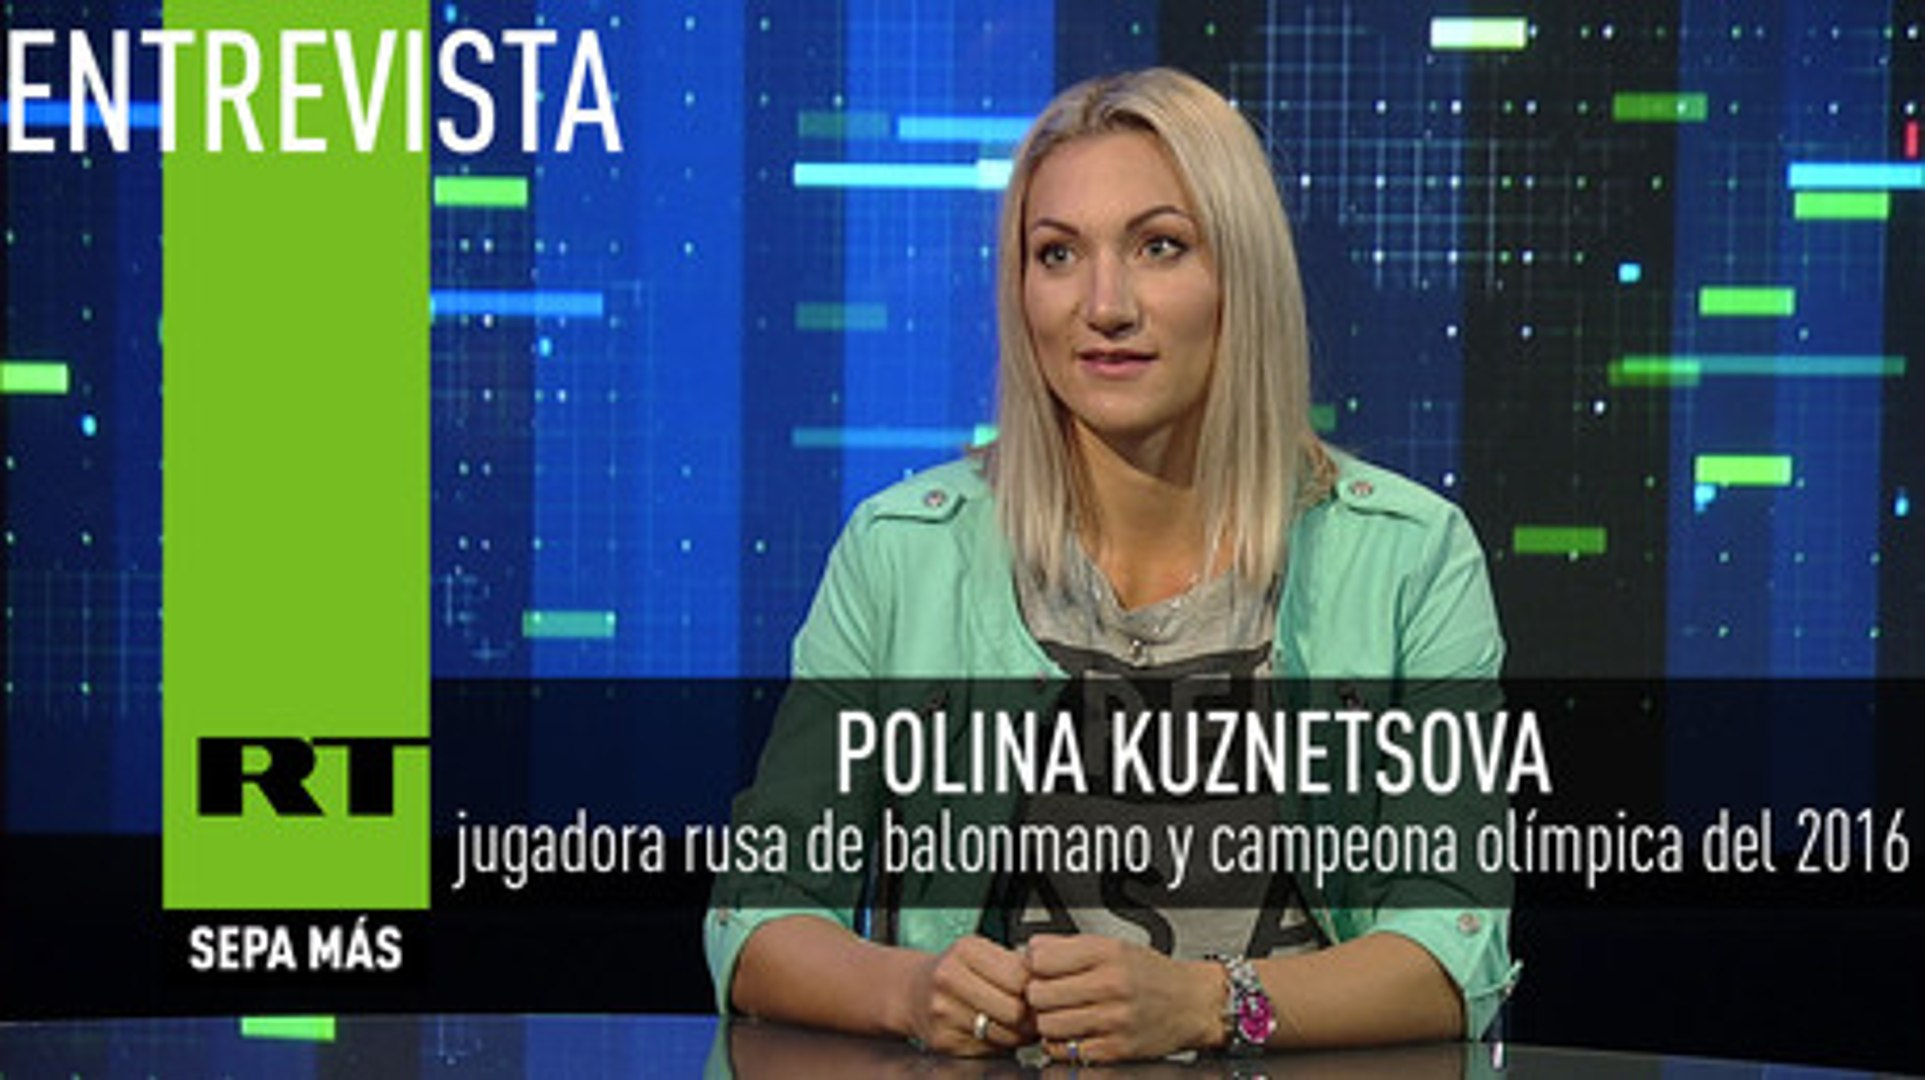 Entrevista con Polina Kuznetsova,  jugadora rusa de balonmano y campeona olímpica del 2016